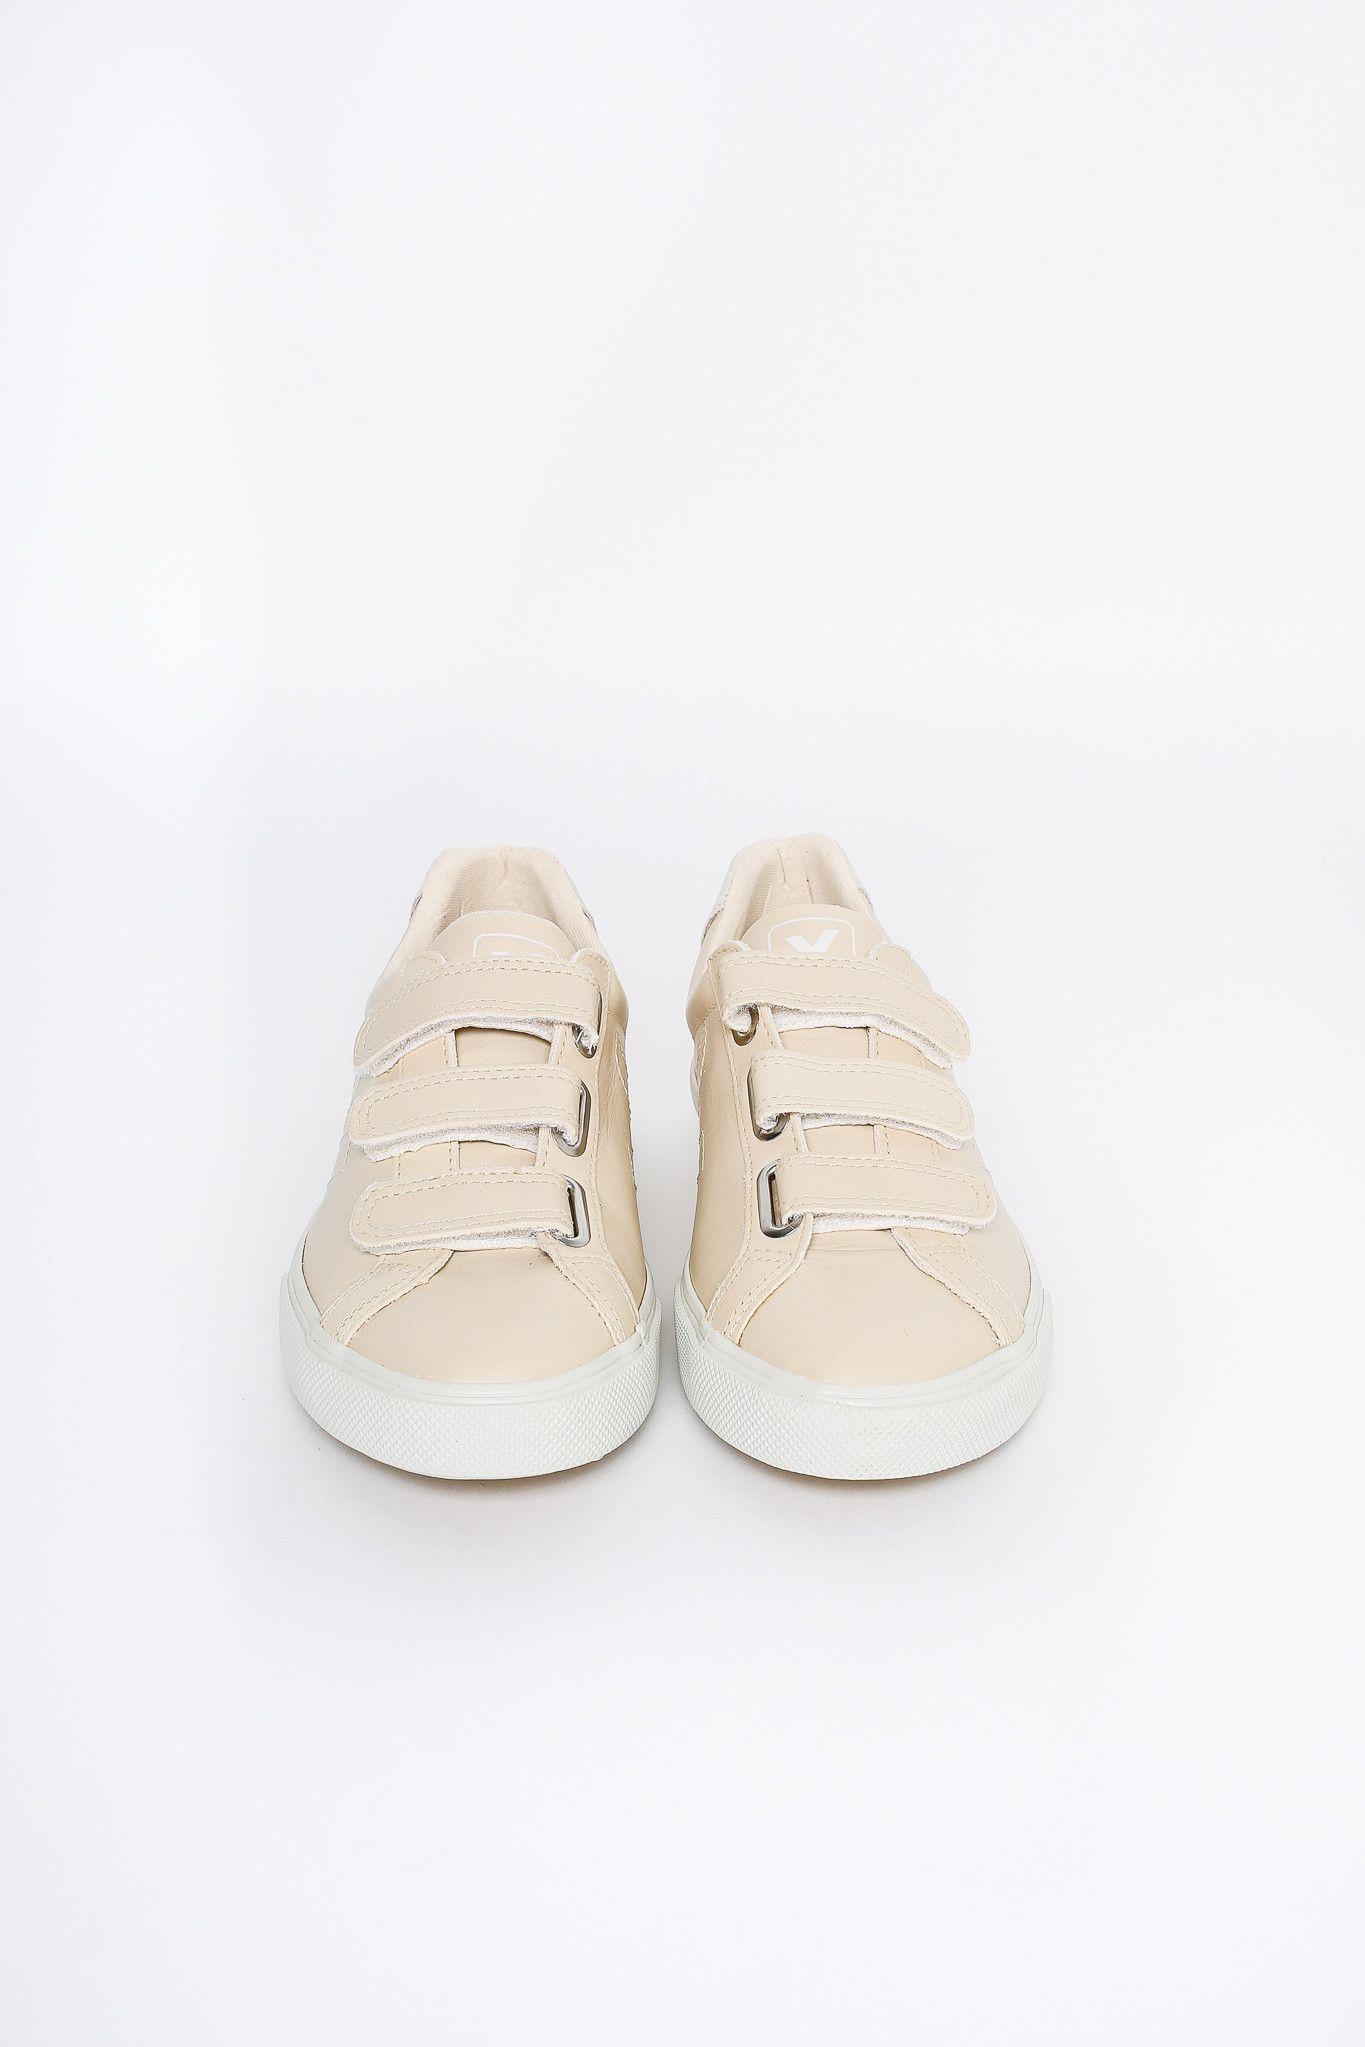 3-lock velcro sneaker in sable pierre